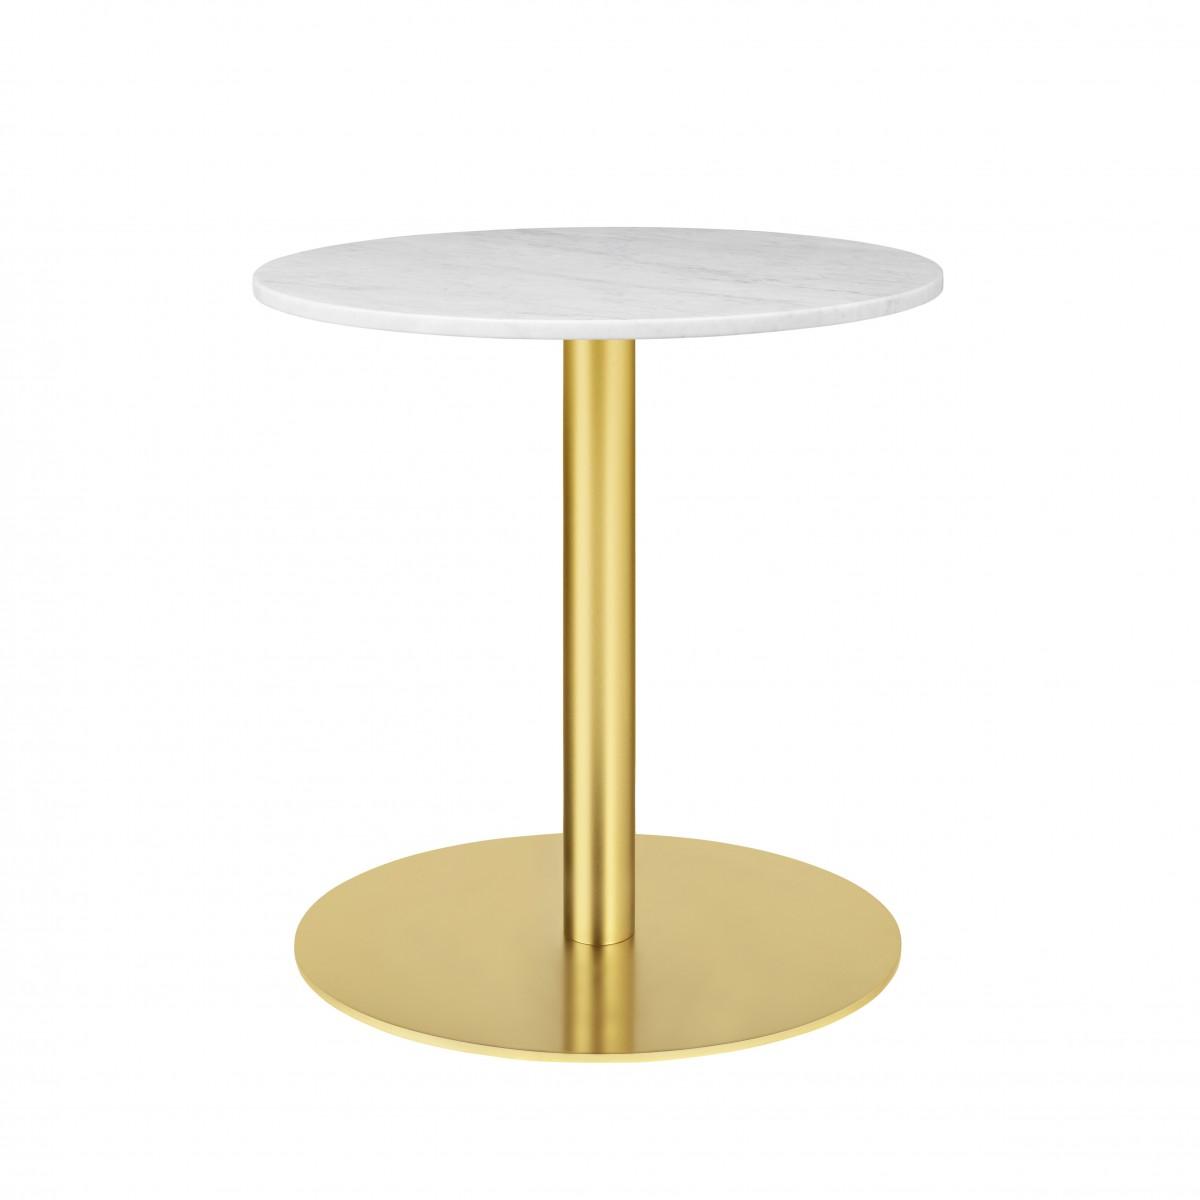 Exceptionnel Table 1.0 Ø60 Cm Marbre Blanc/pied Laiton